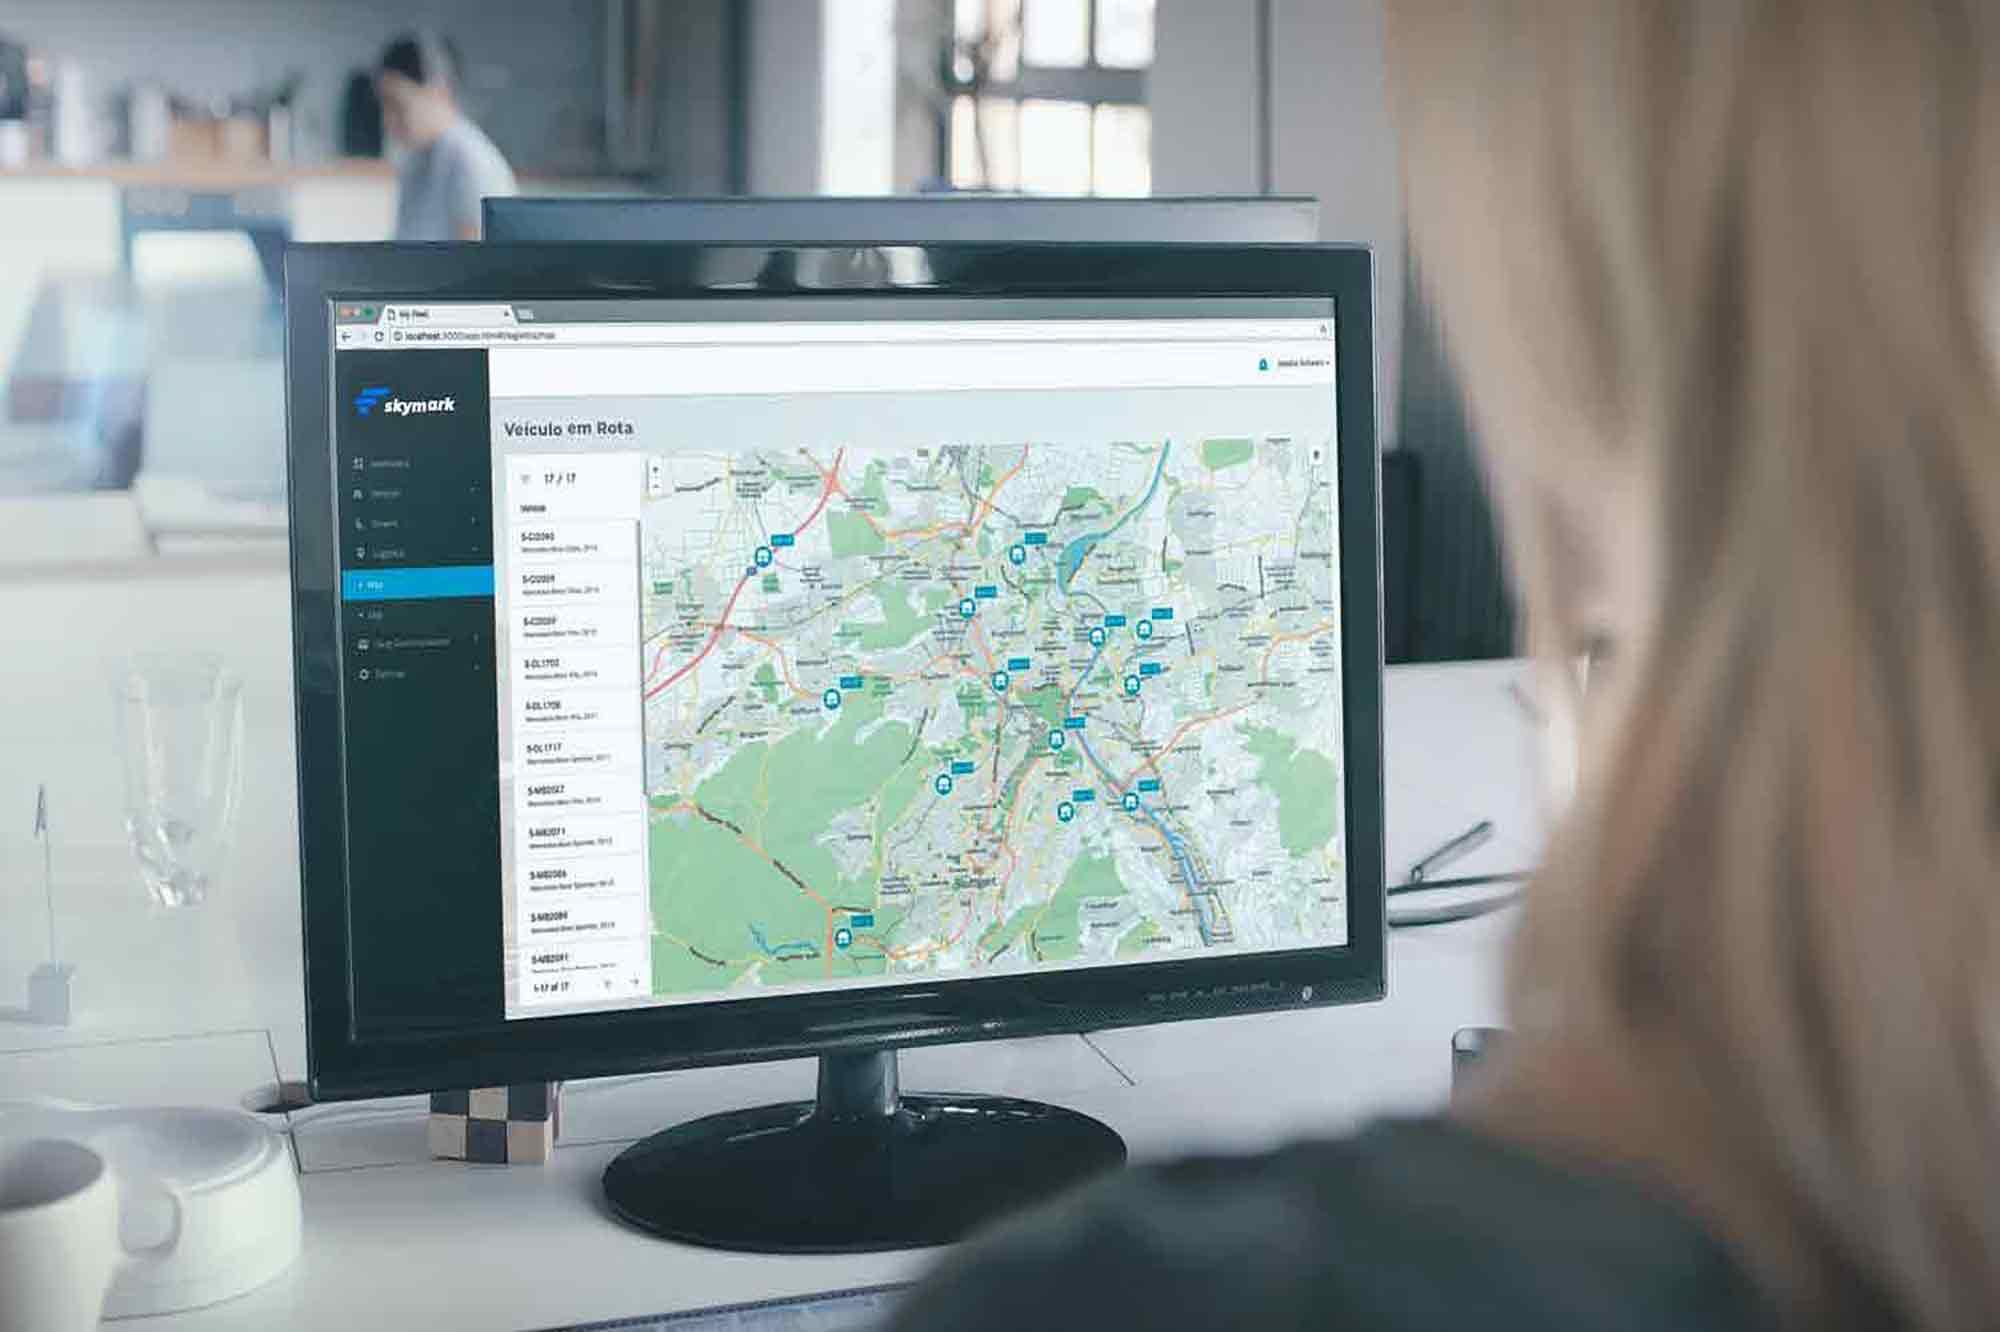 Tecnologias de rastreamento utilizadas para monitorar o transporte de carga